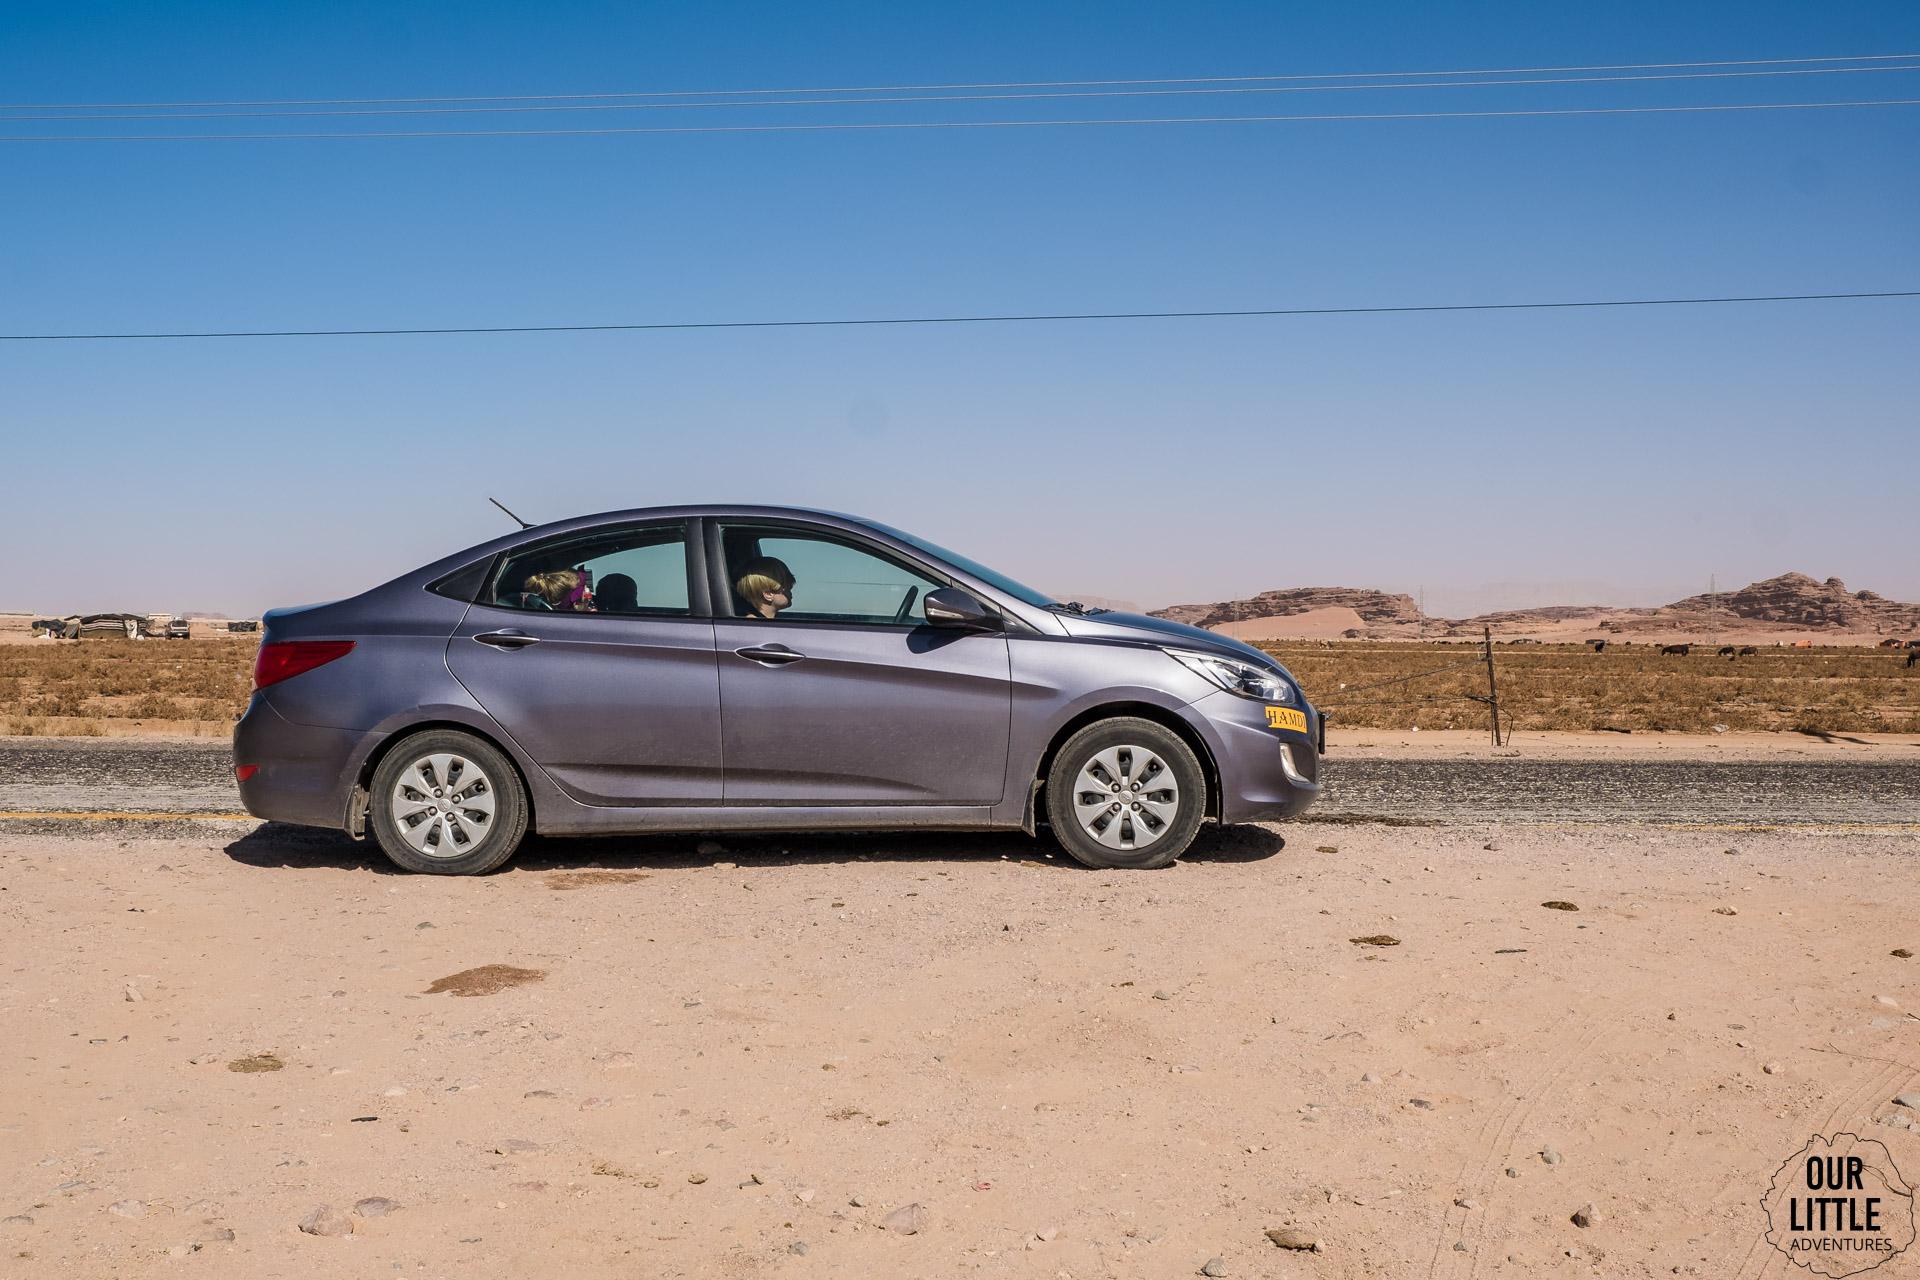 Wypożyczenie samochodu w Jordanii